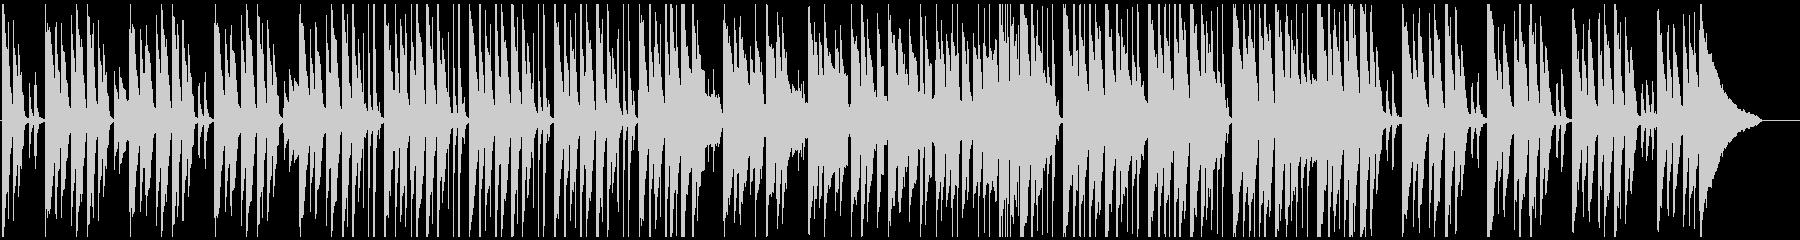 ピアノメインの和やか日常系BGMの未再生の波形